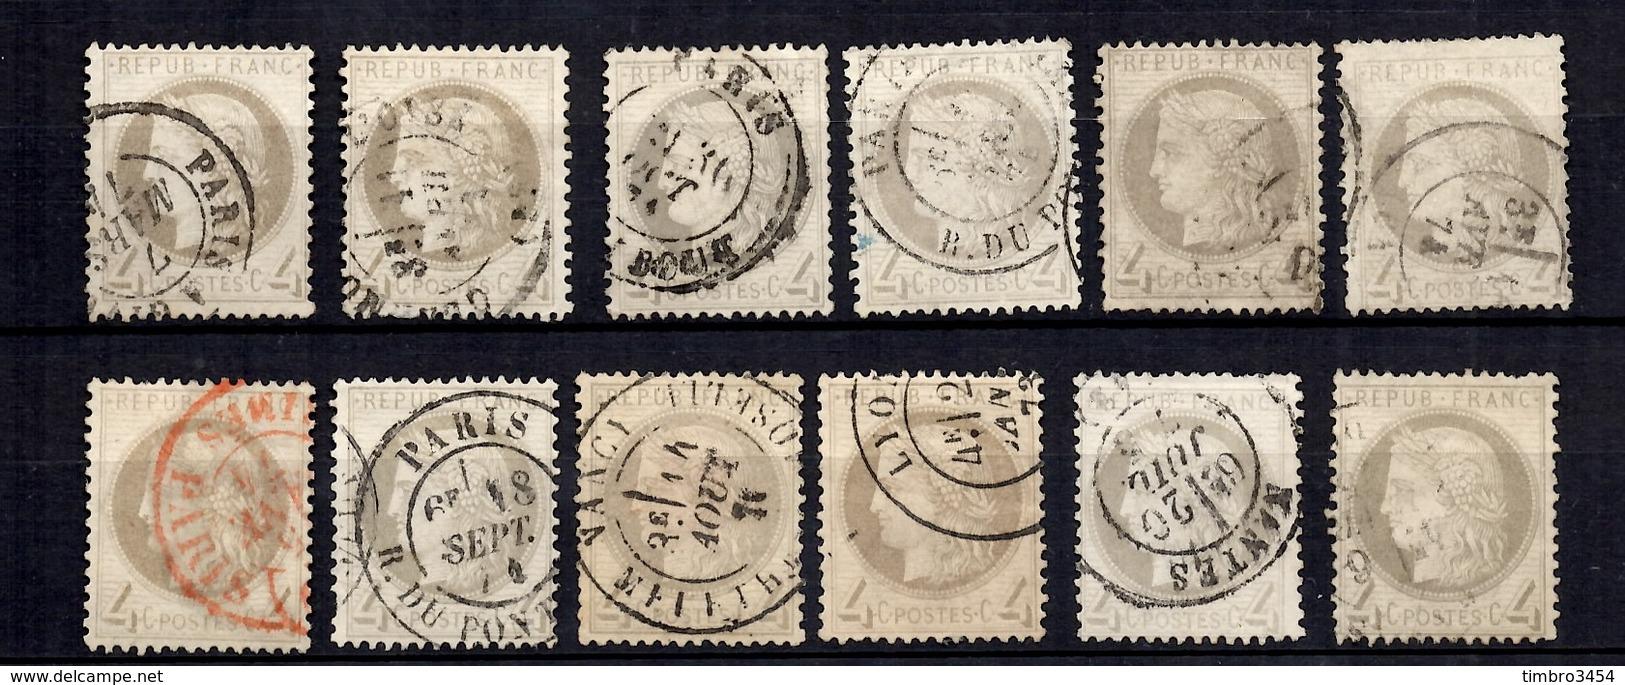 France YT N° 52 Douze Timbres Oblitérés. Belles Nuances. B/TB. A Saisir! - 1871-1875 Ceres